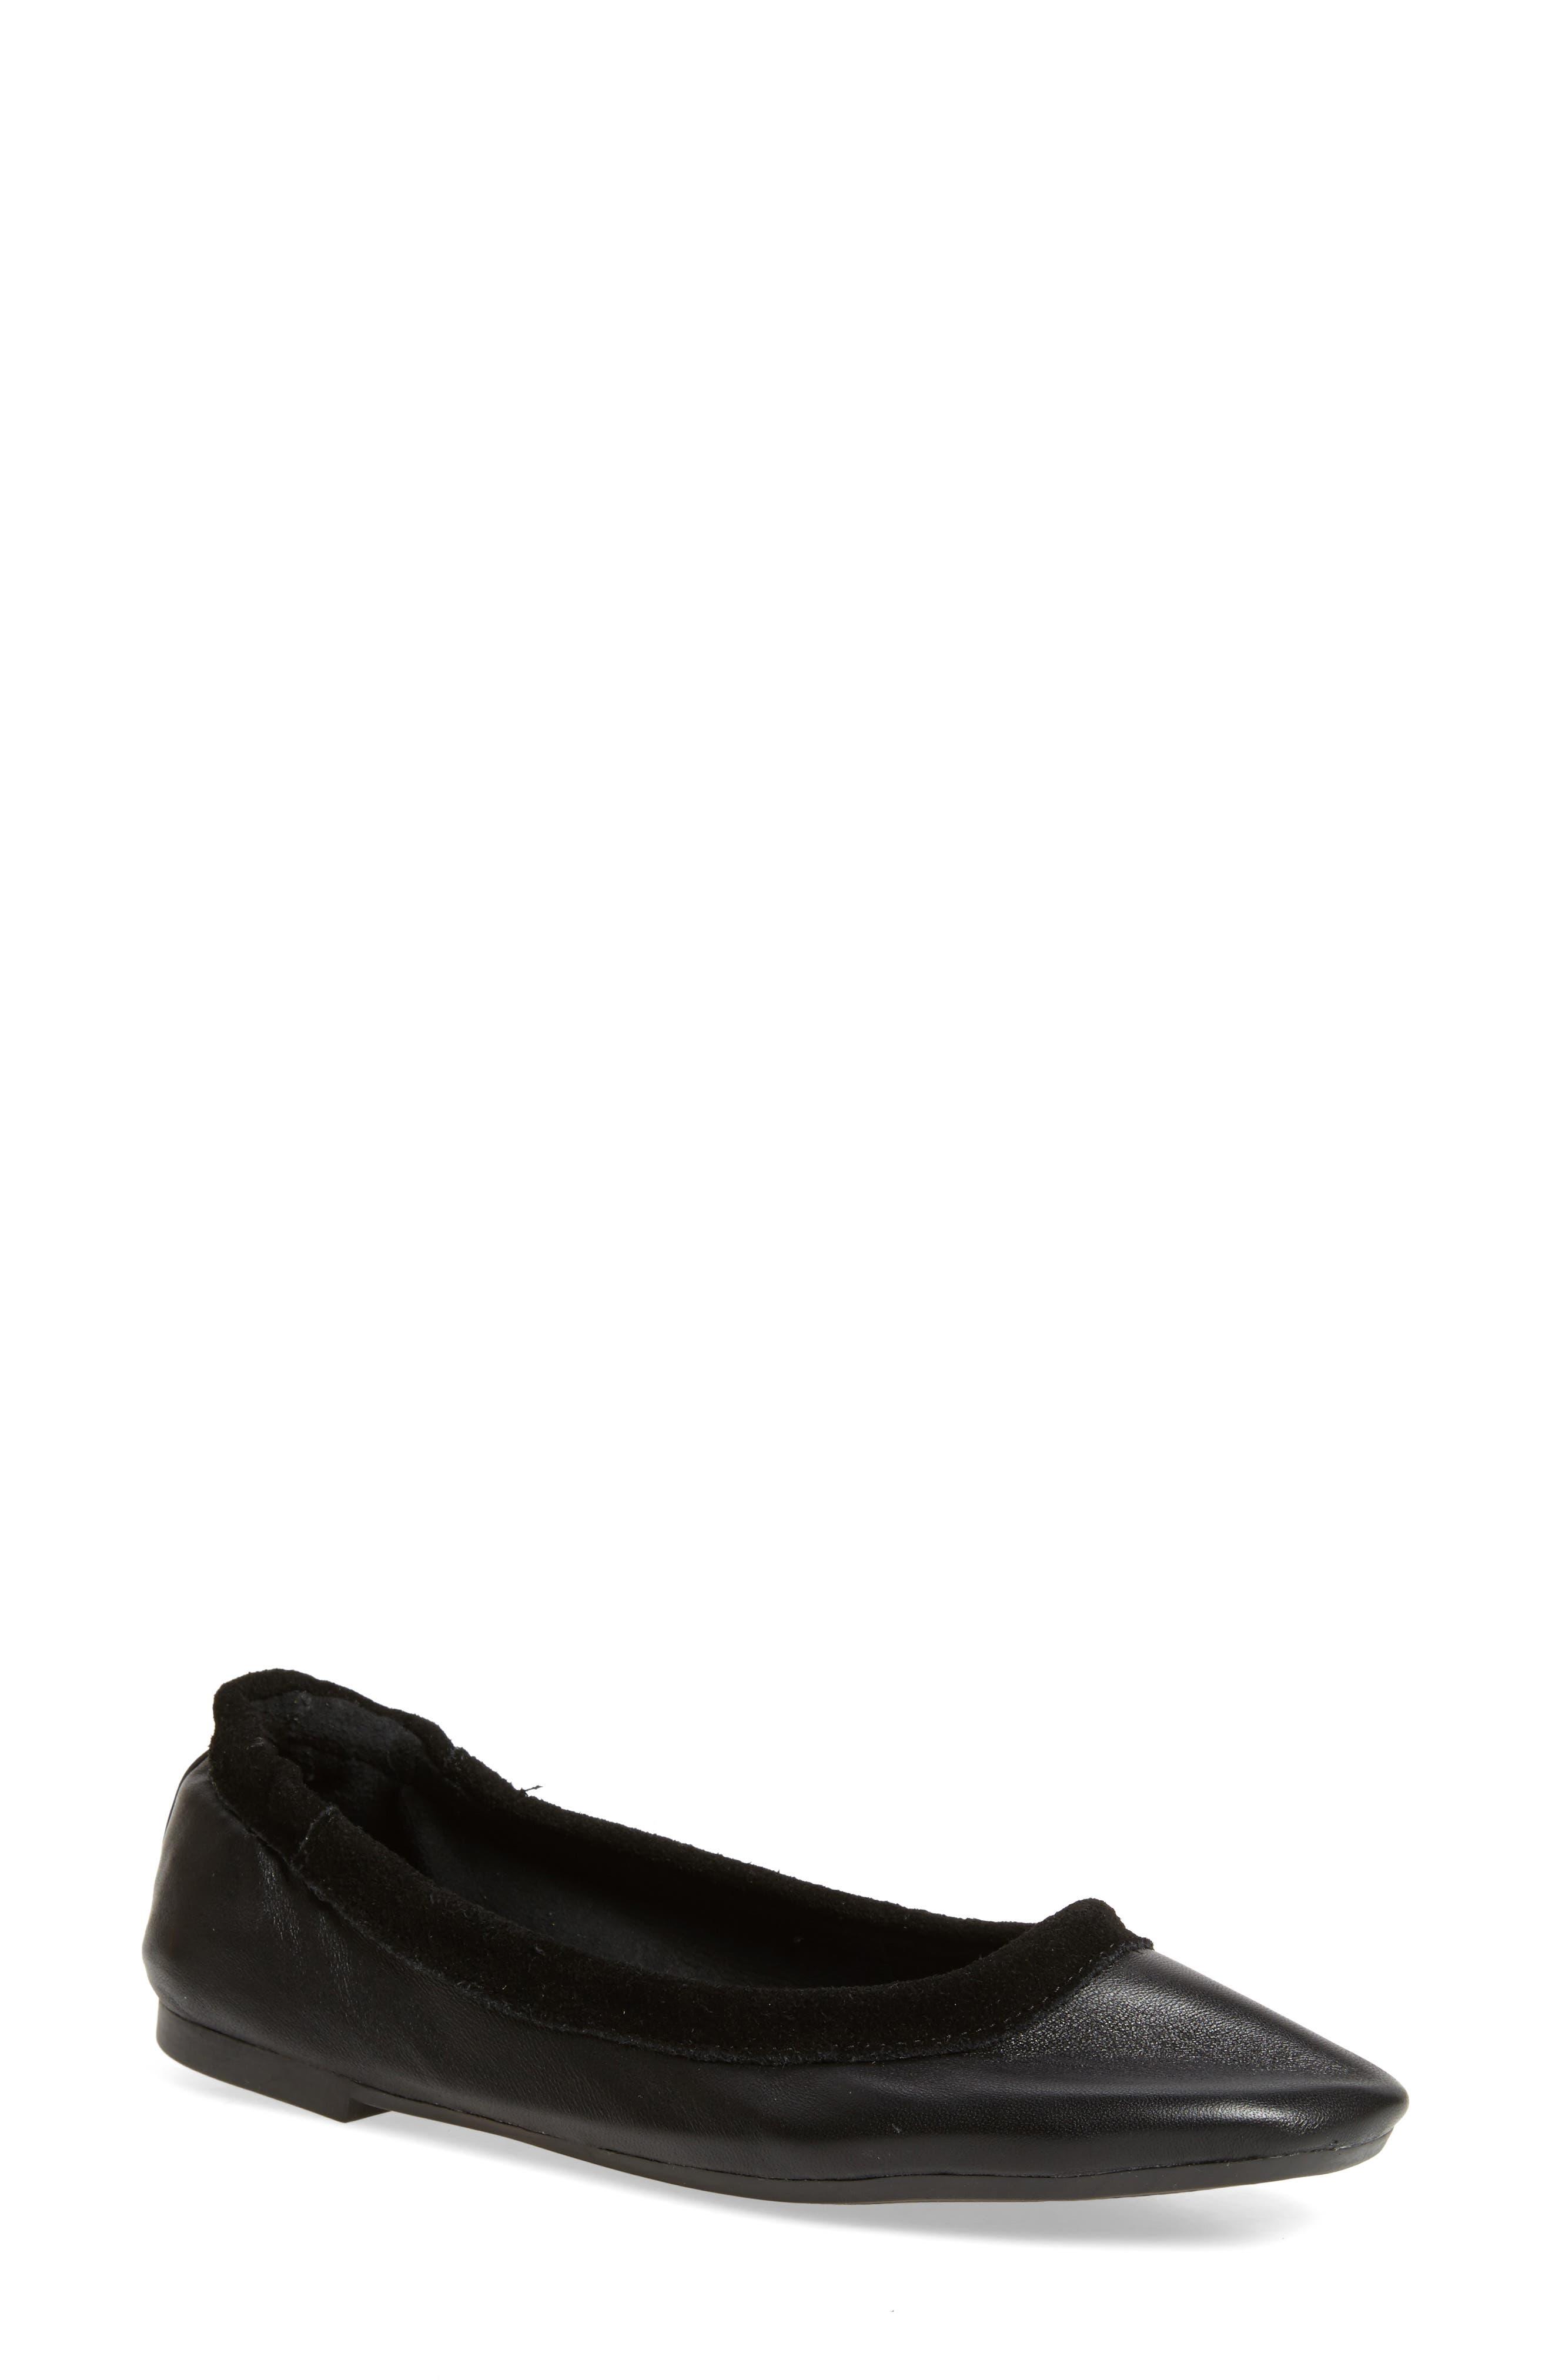 M4D3 Cozy Ballet Flat,                             Main thumbnail 1, color,                             Black Leather